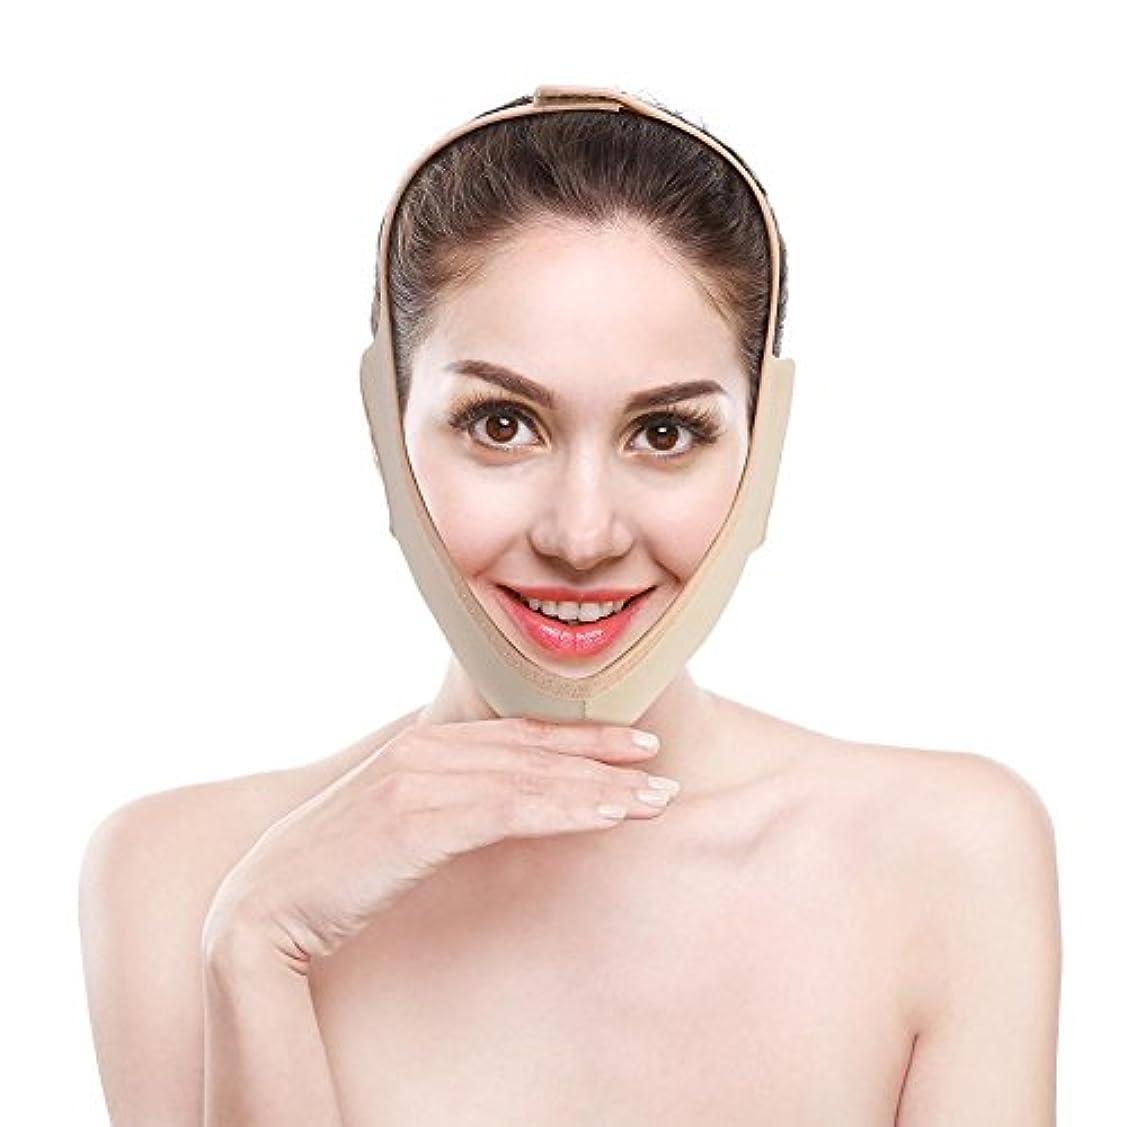 ボイコットわがまま縮約顔の輪郭を改善するVフェイス包帯、フェイスリフト用フェイスマスク、通気性/伸縮性/非変形性(M)